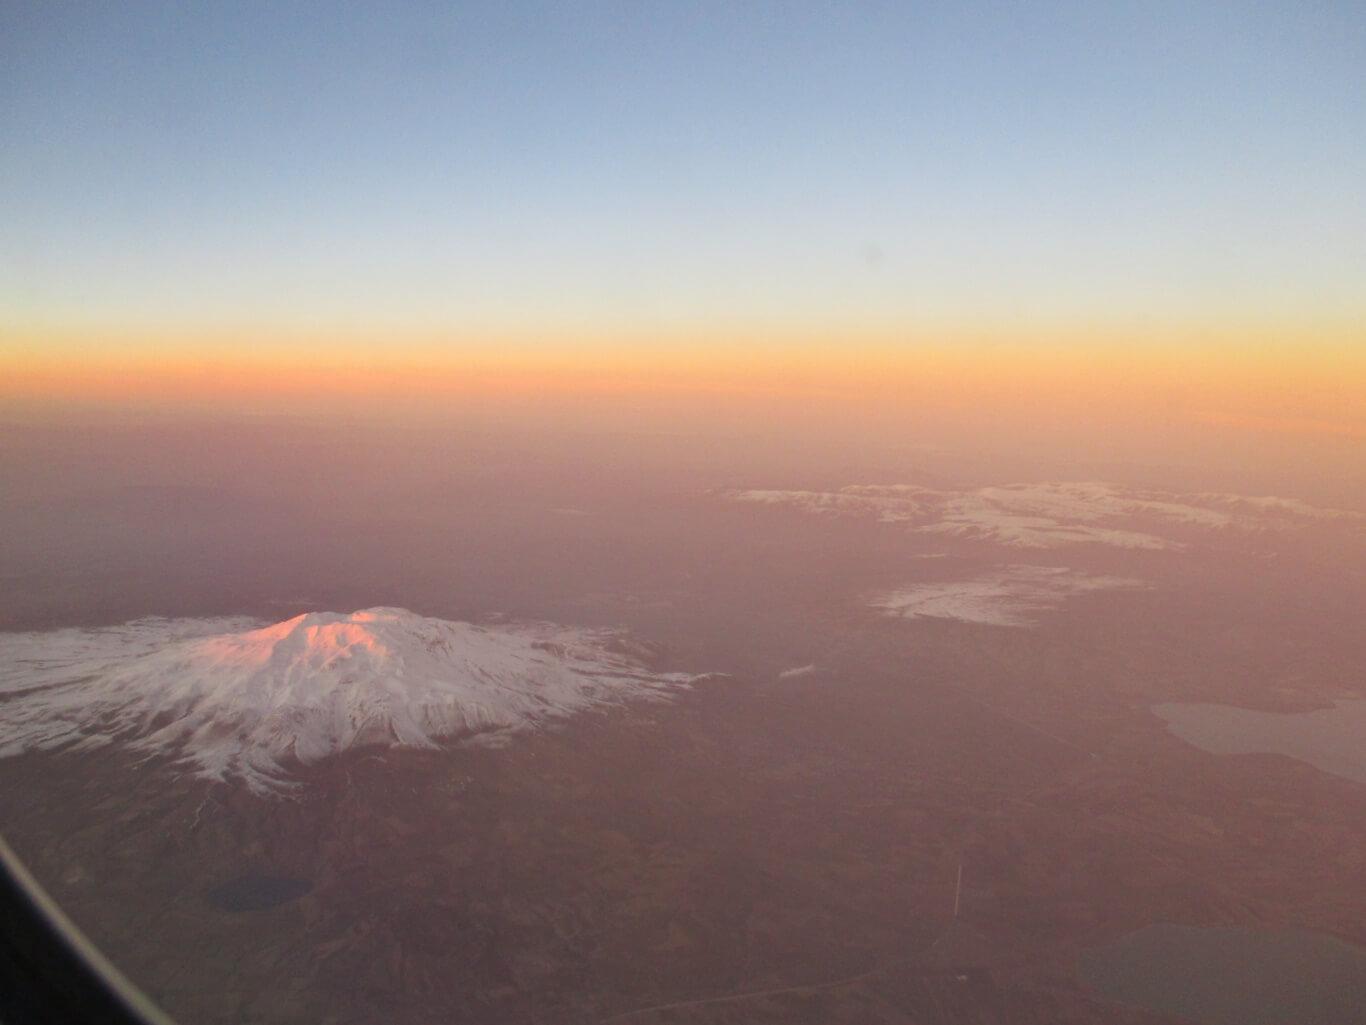 Coucher de soleil sur le vol Doha Paris avec Qatar Airways